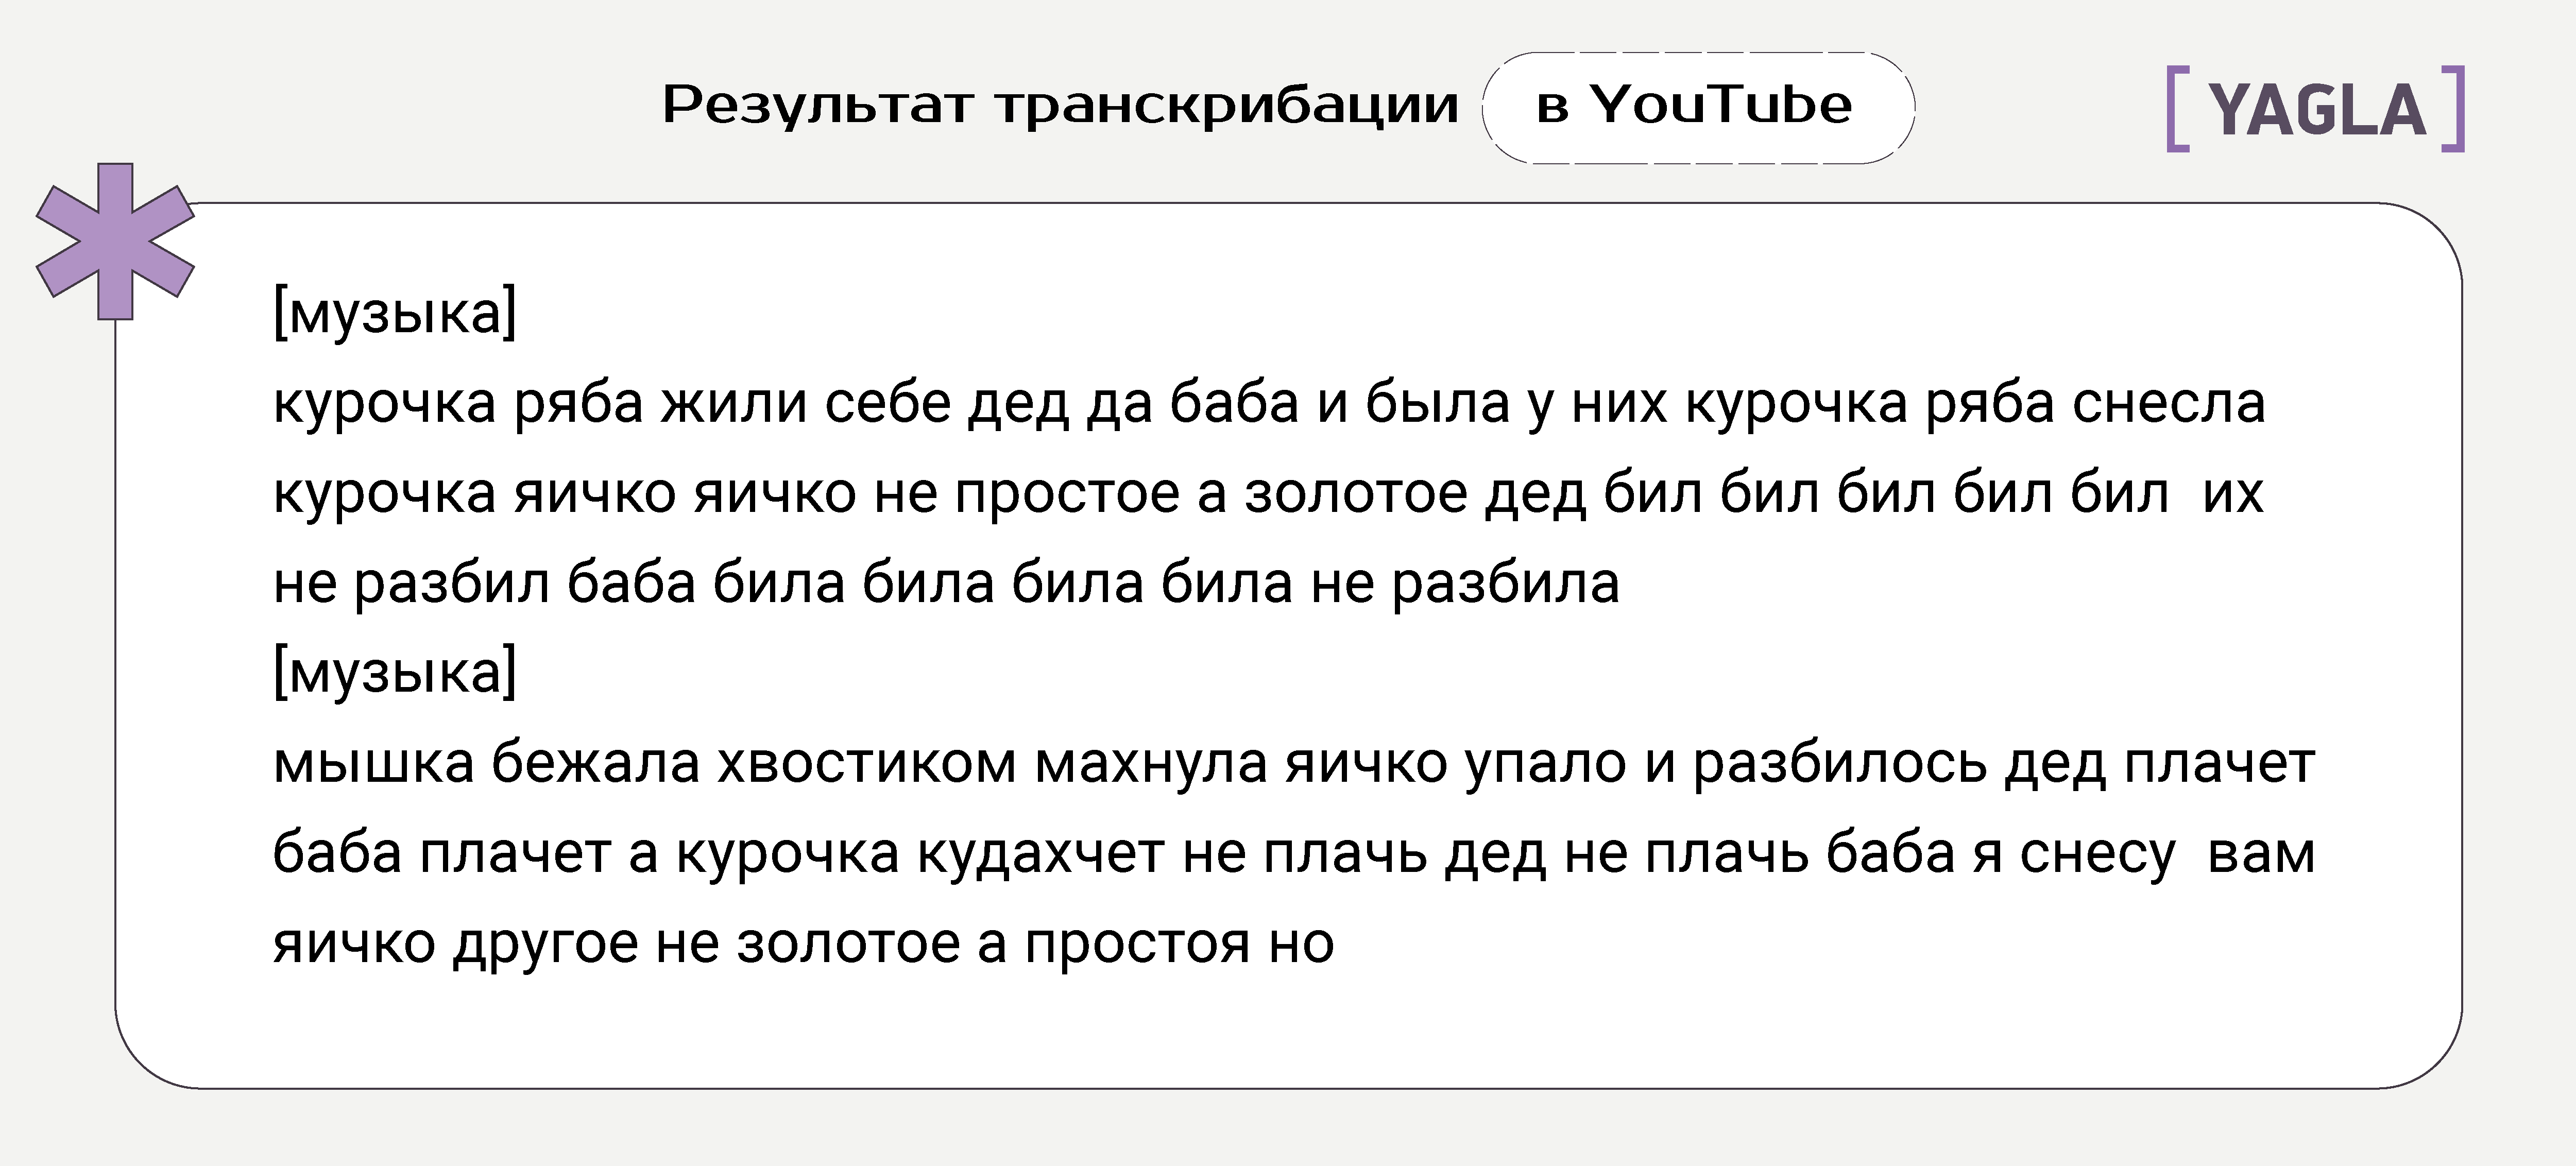 Результат транскрибации в YouTube